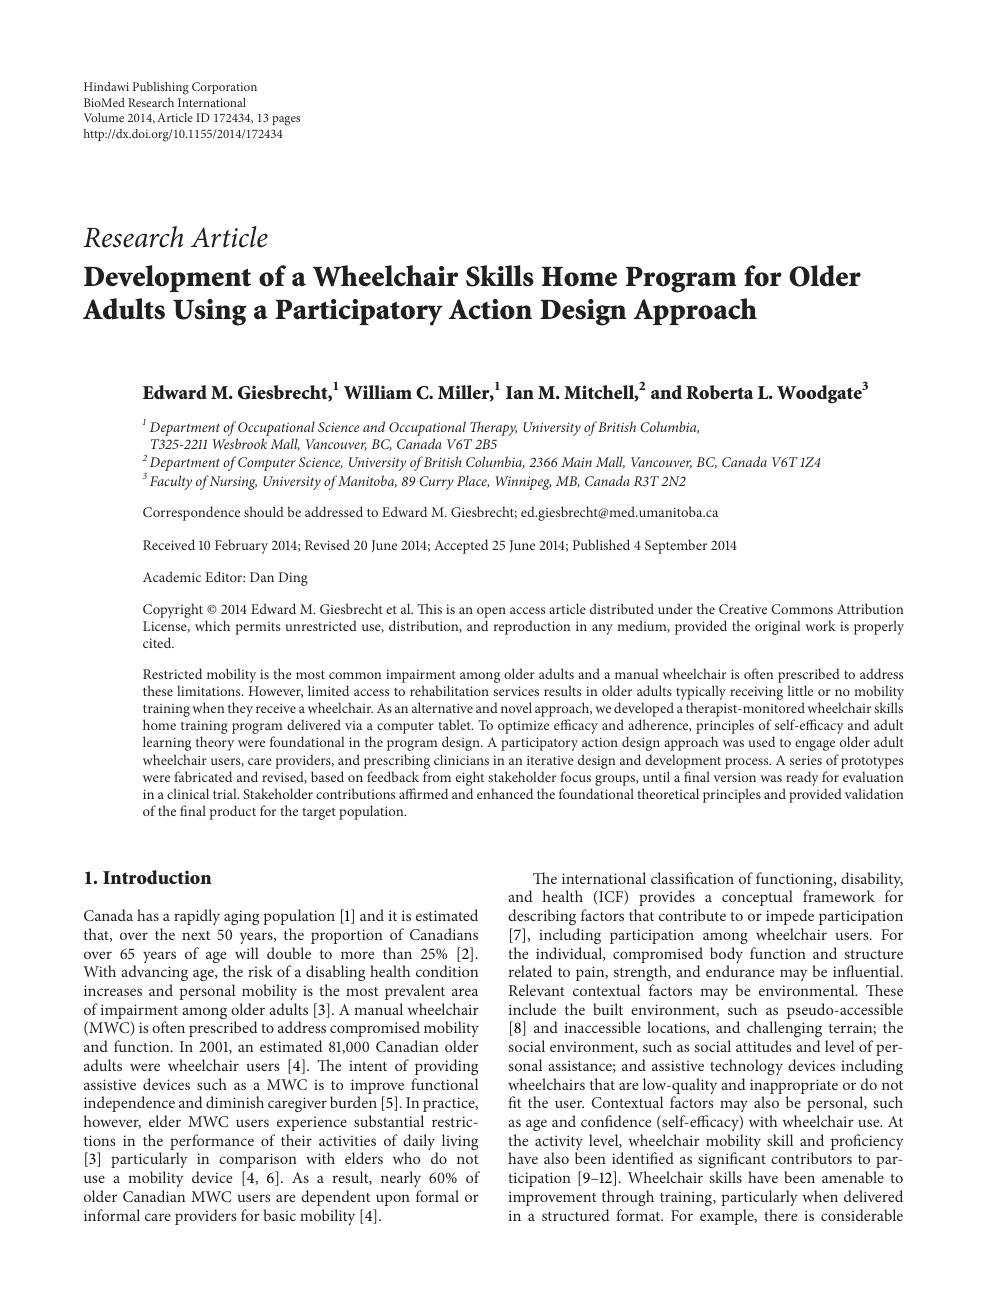 Development of a Wheelchair Skills Home Program for Older